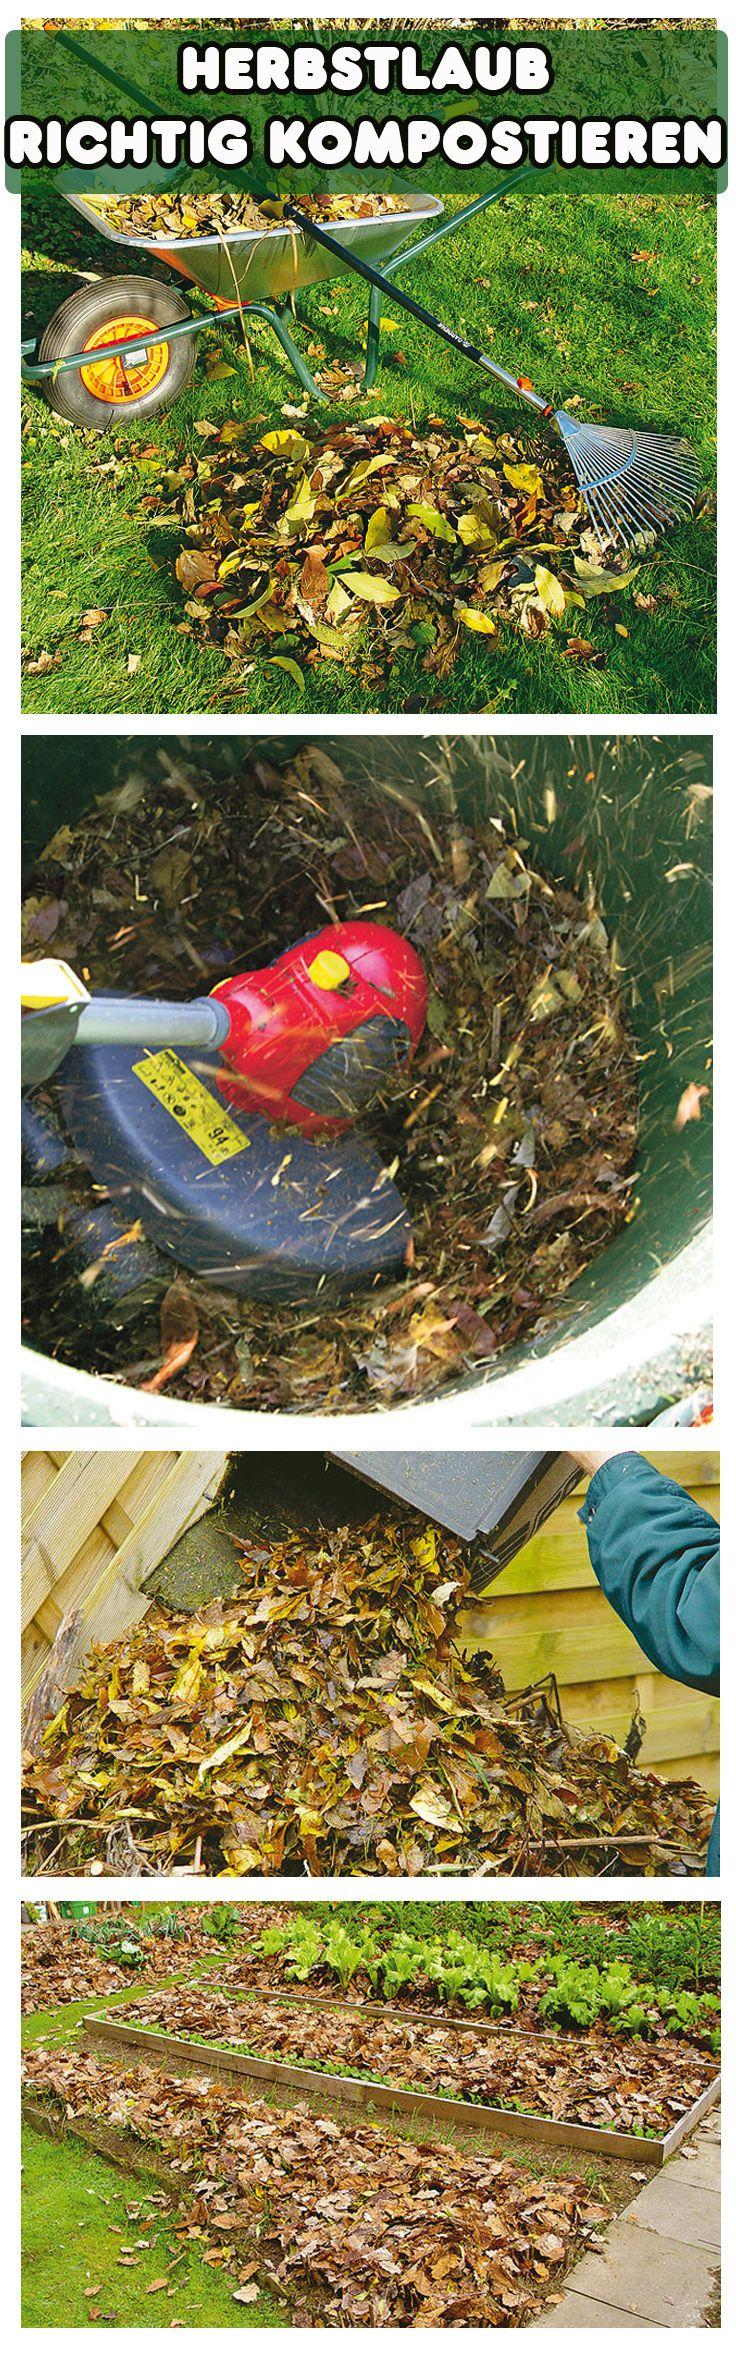 Laub ist nicht einfach zu kompostieren. Es verrottet nur schwer, weshalb es vor dem Kompostieren zerkleinert werden sollte. Mulchen oder die Flächenkompostierung im Garten ist die bequemste Art, Laub loszuwerden.